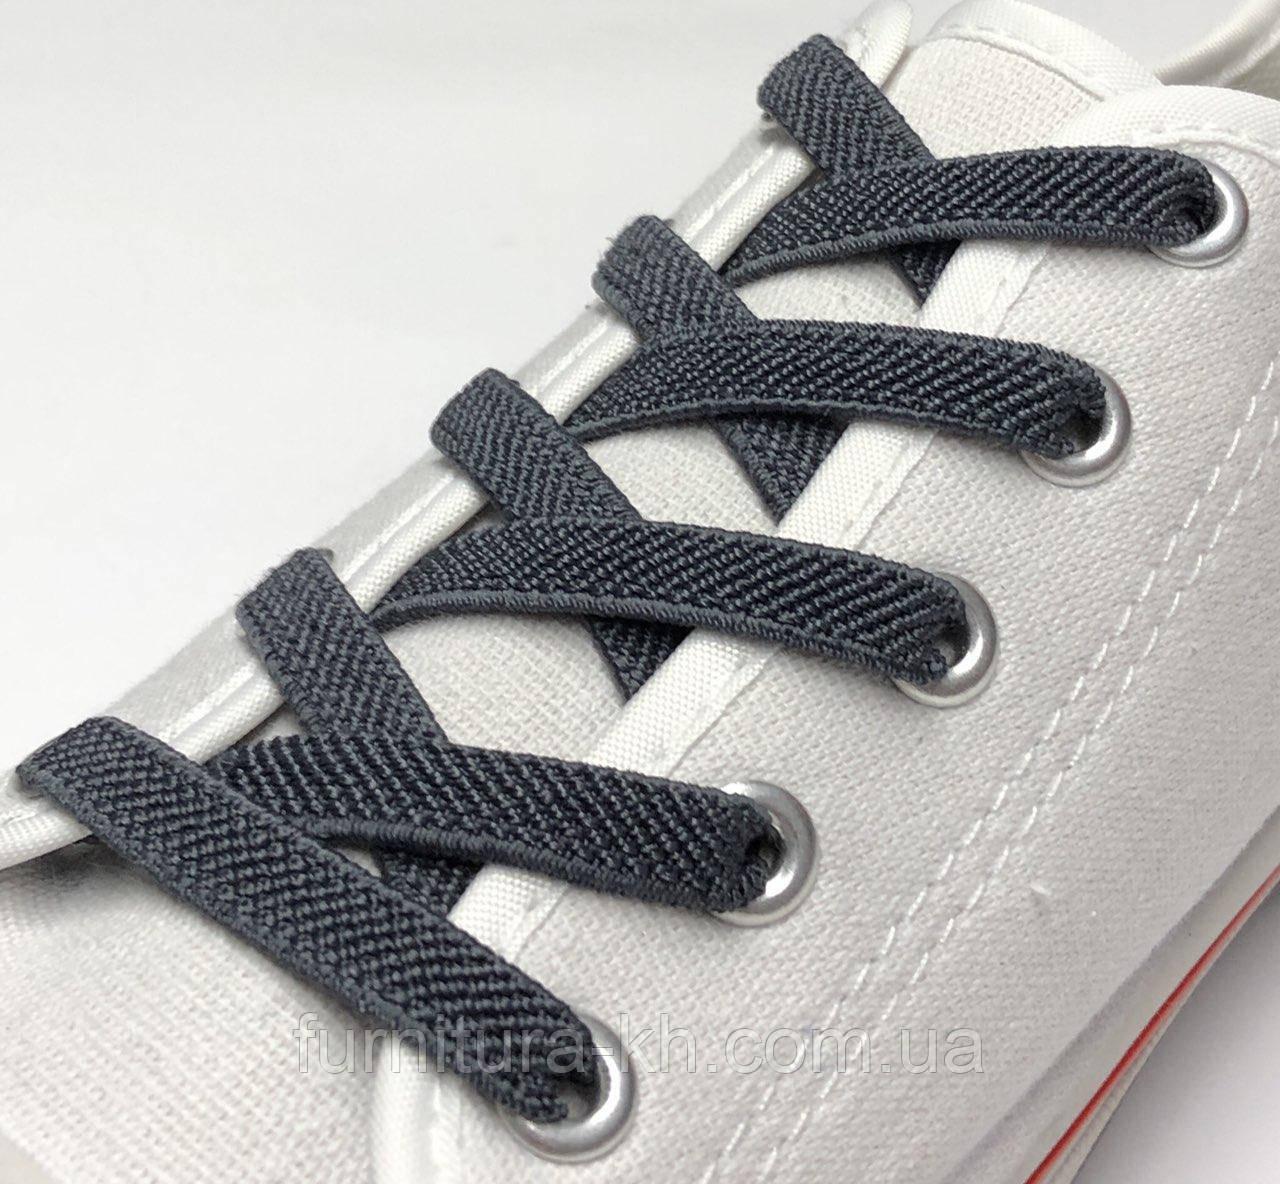 Шнурок Резиновый Плоский-Цвет Темно Серый  (толщина 7 мм).Длинна 0,90 см